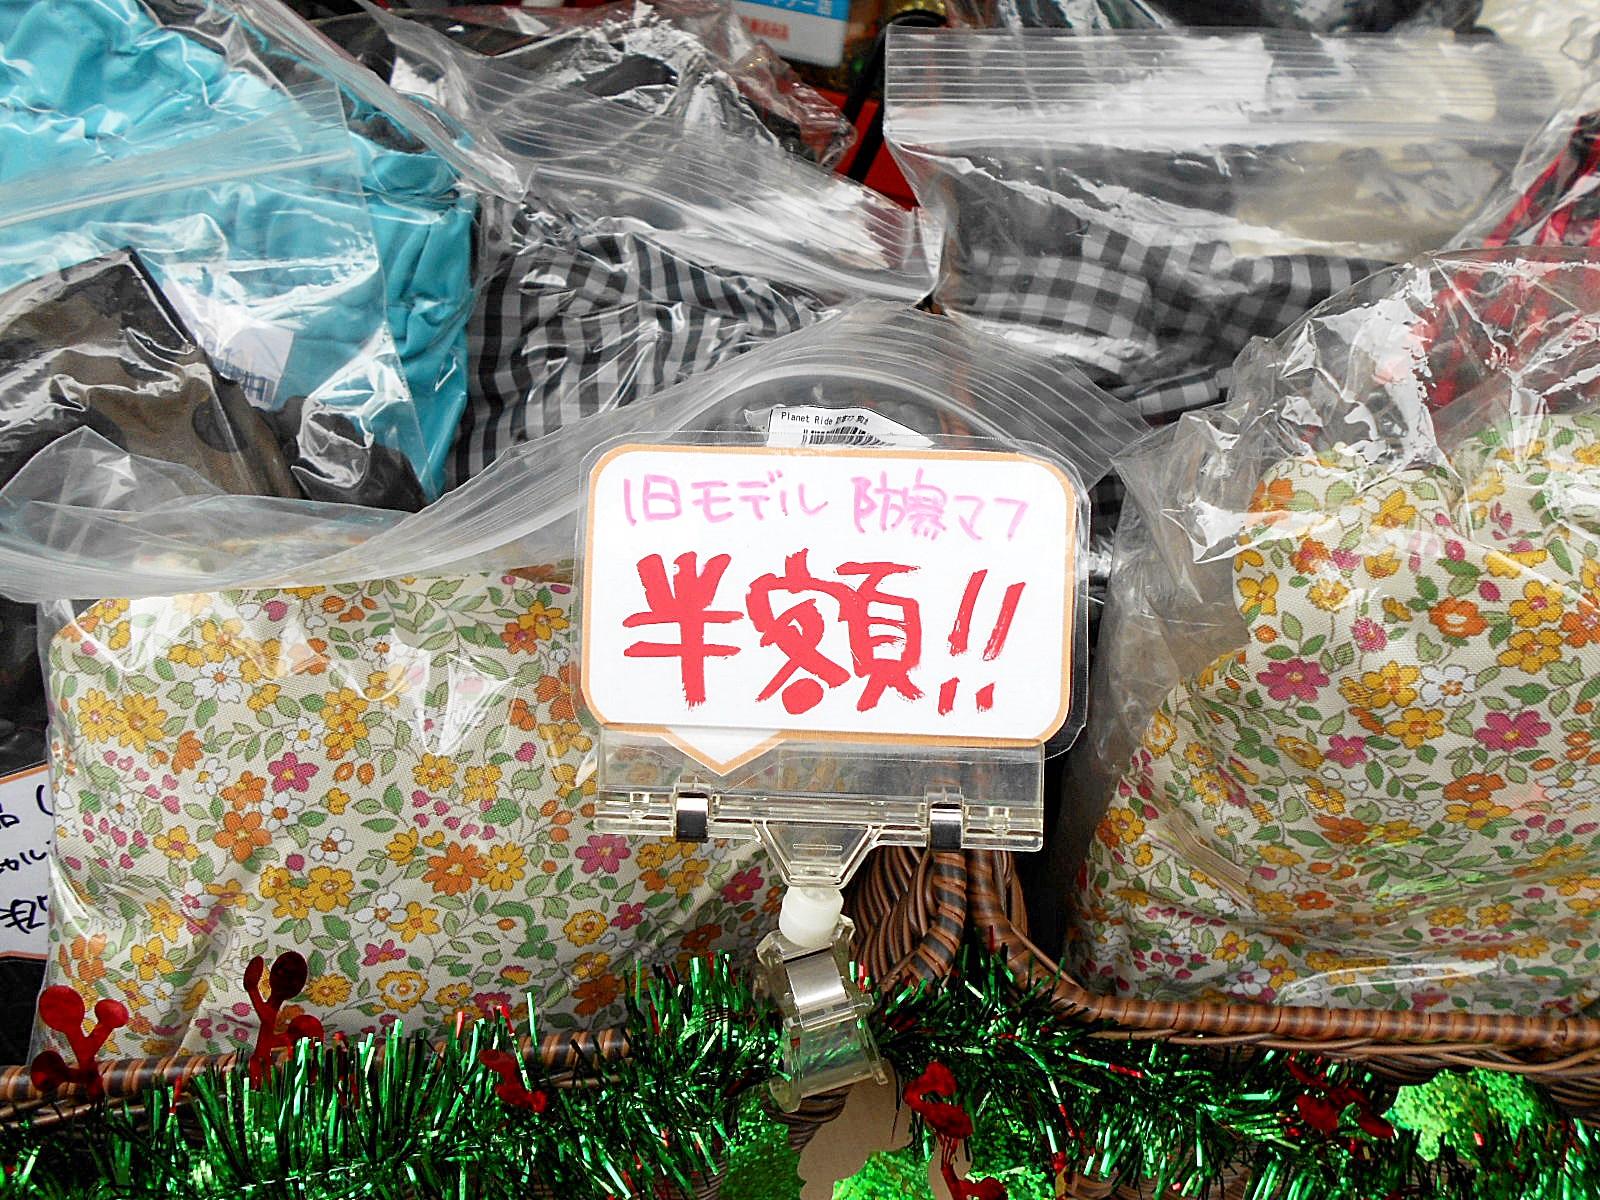 ギャレリア店 引き続き SALE!SALE!